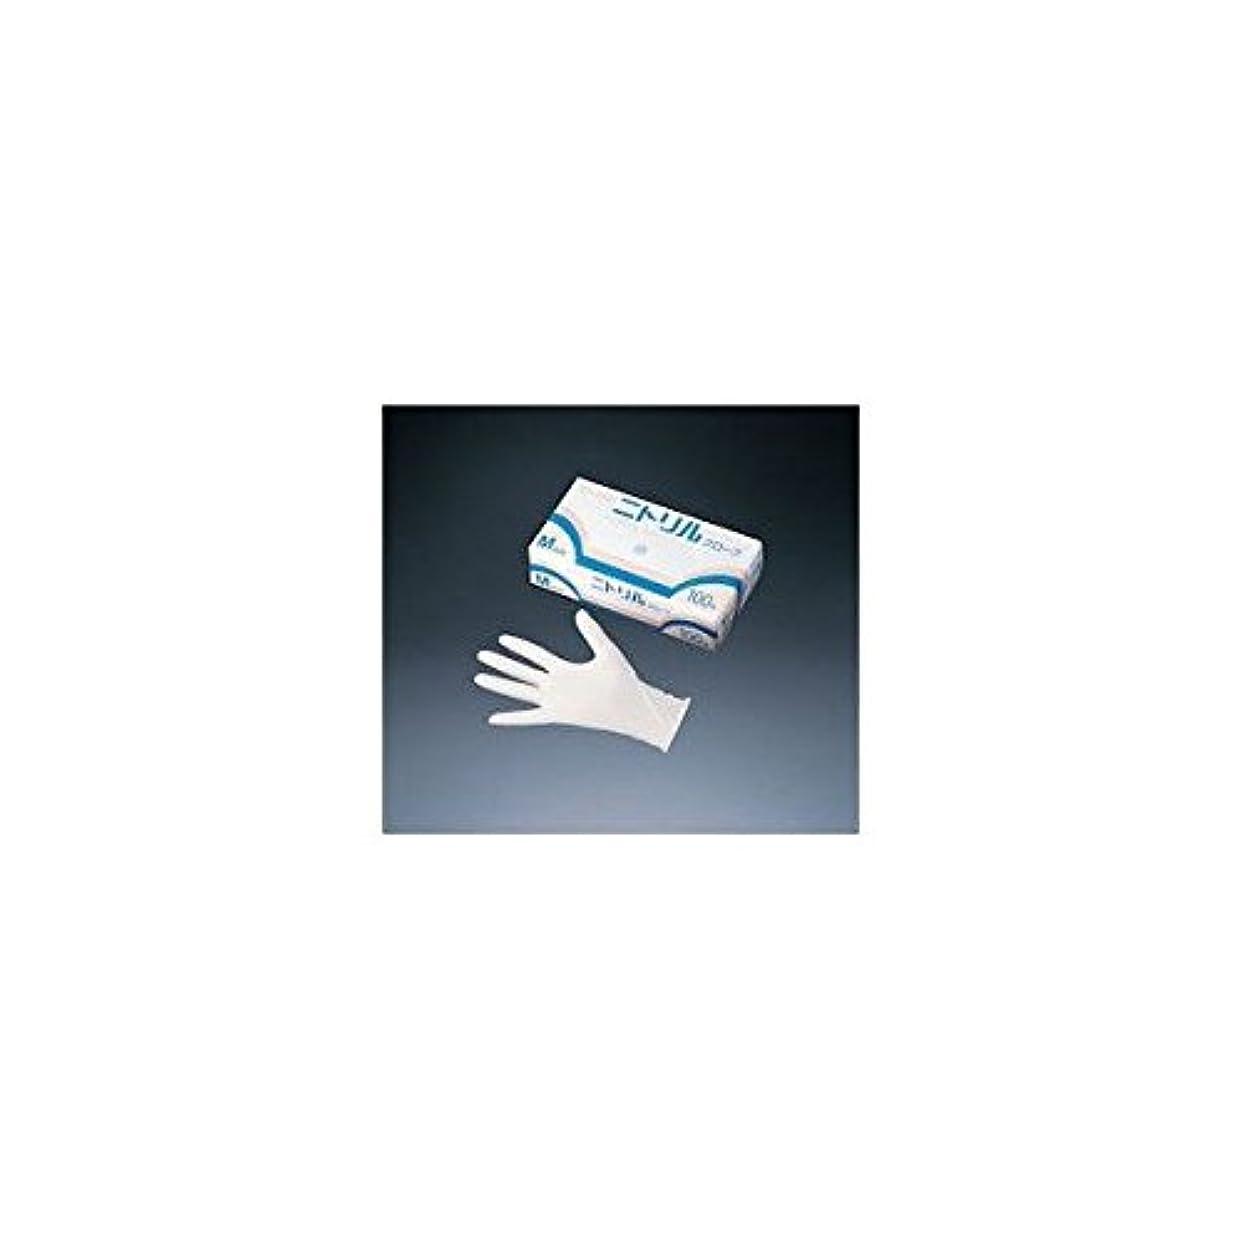 クッション第二系統的旭創業 ニトリルグローブ ホワイト (100枚セット) SS